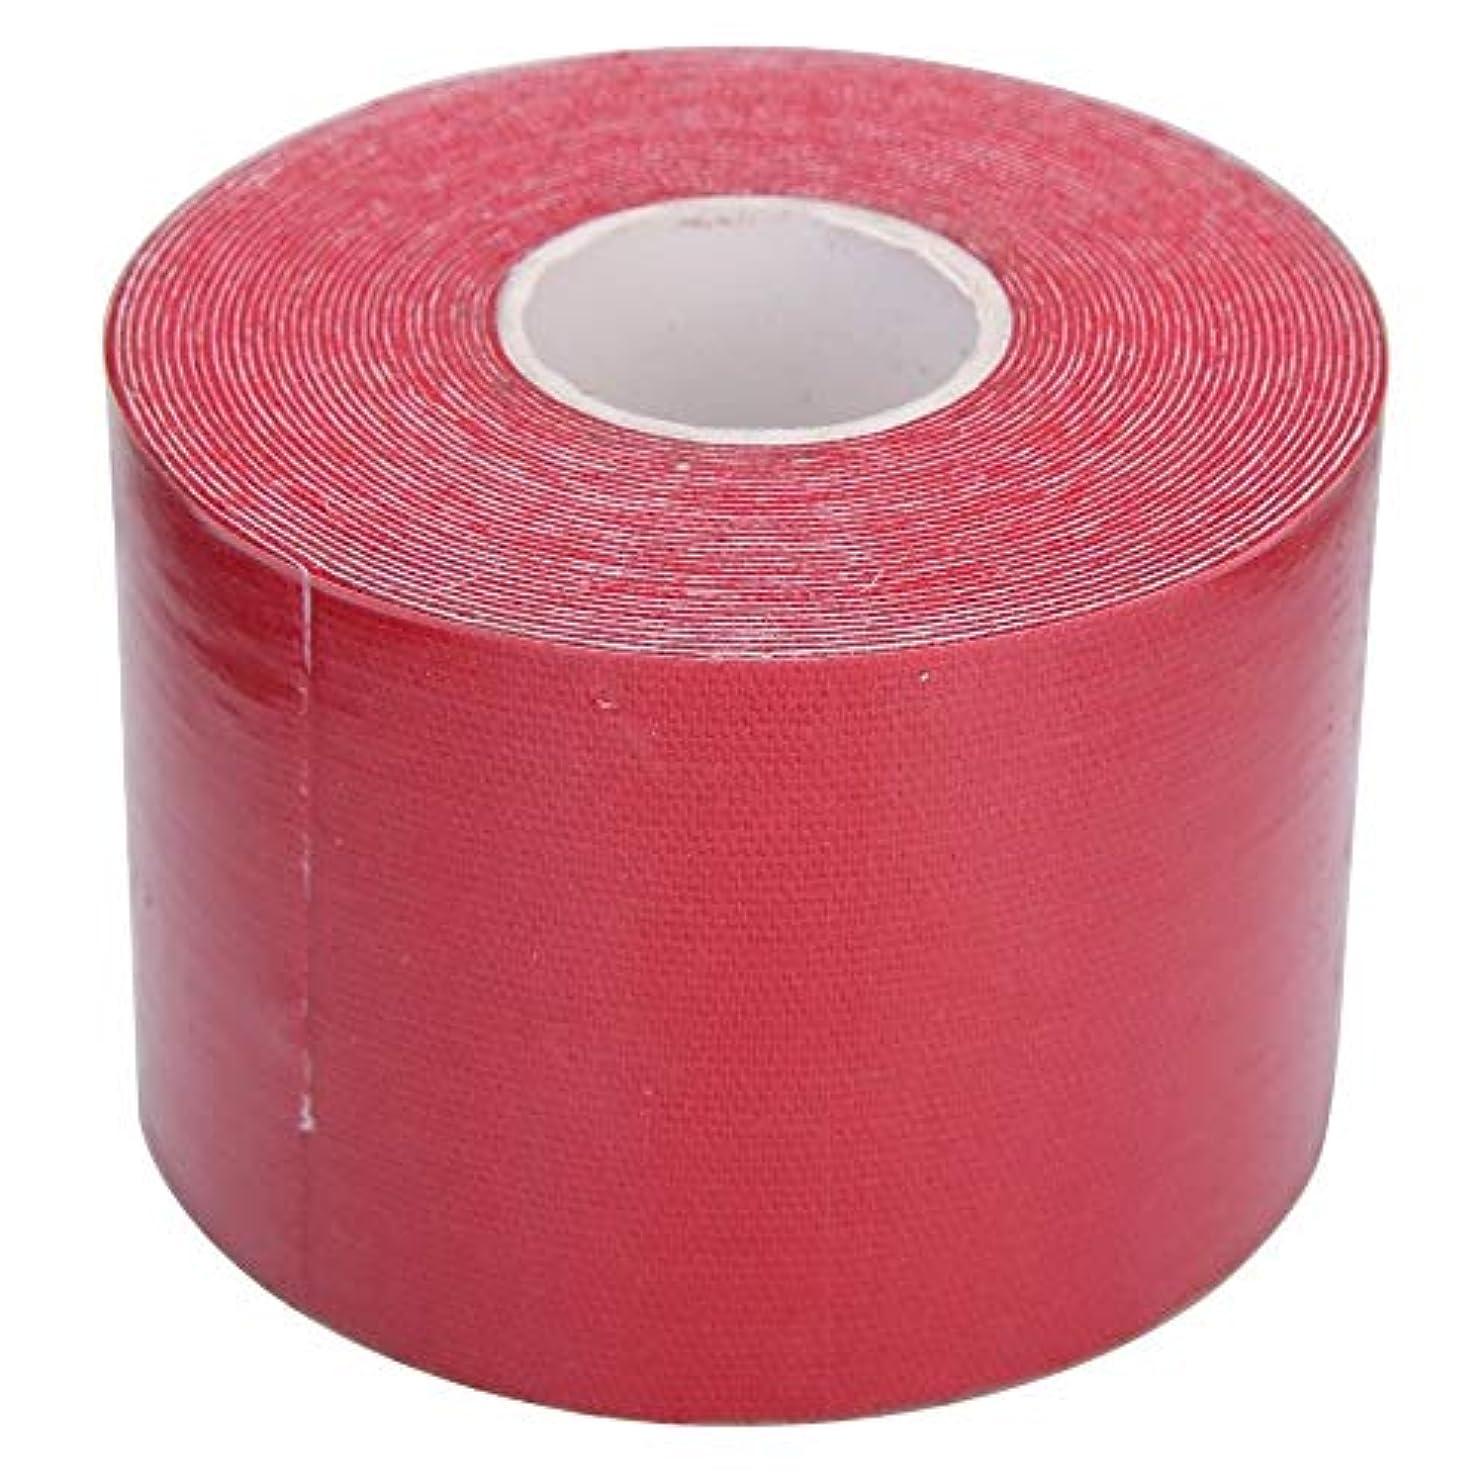 テントエクスタシーアリキネシオロジー テープ アスリート 筋肉のサポート スポーツ フィジオ 治療テープ レッド